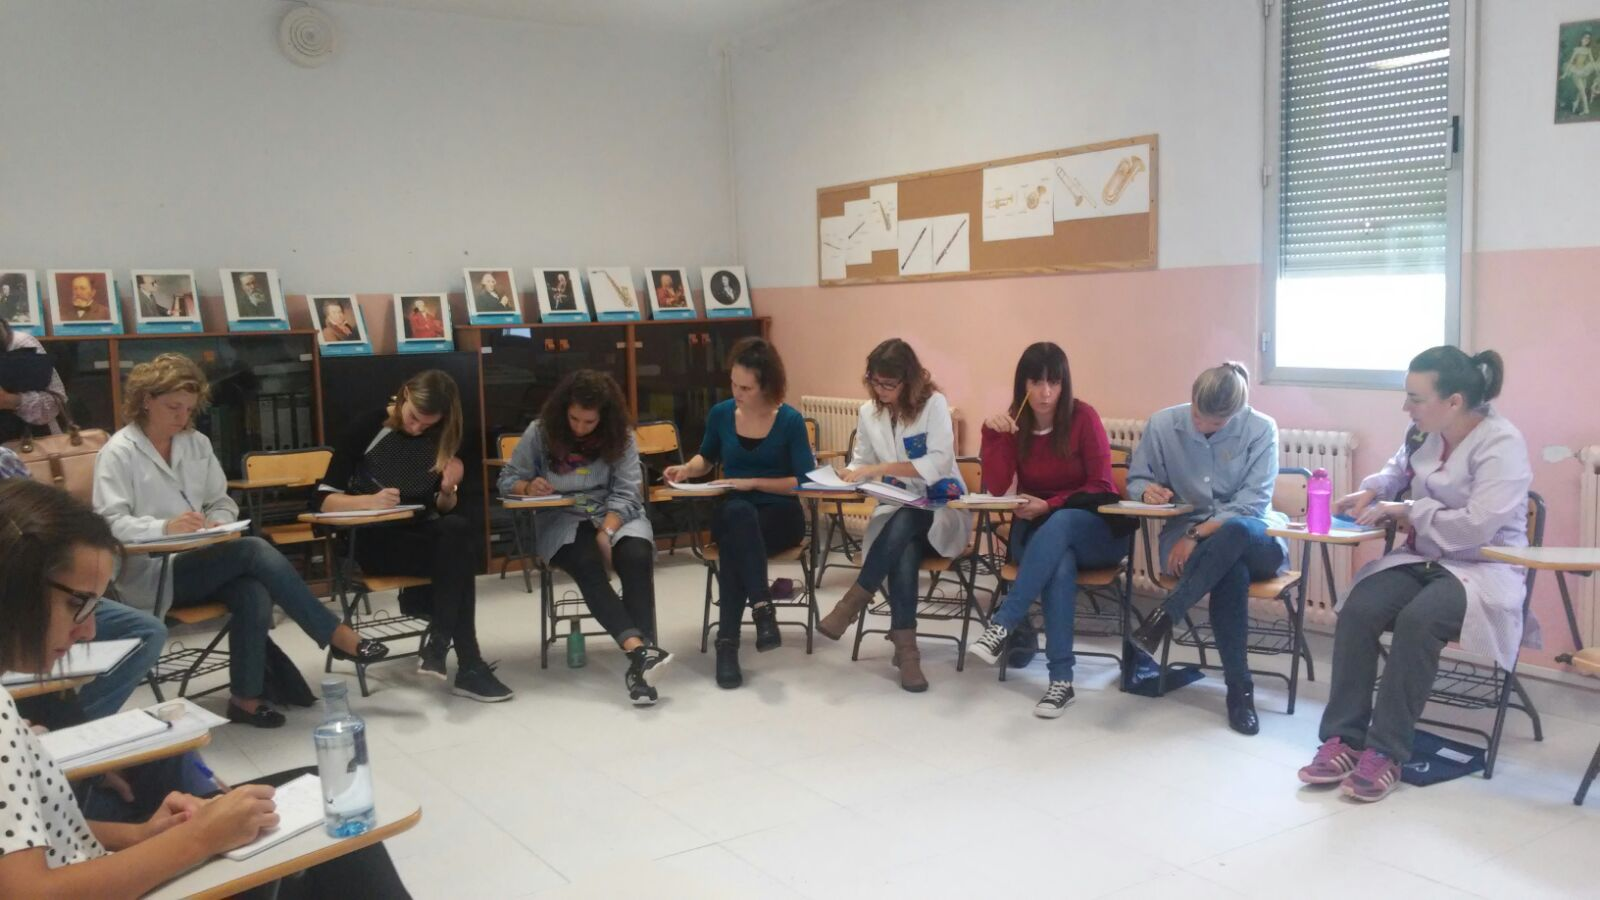 Colegio amor de dios burlada curso de educaci n emocional - Colegio amor de dios oviedo ...